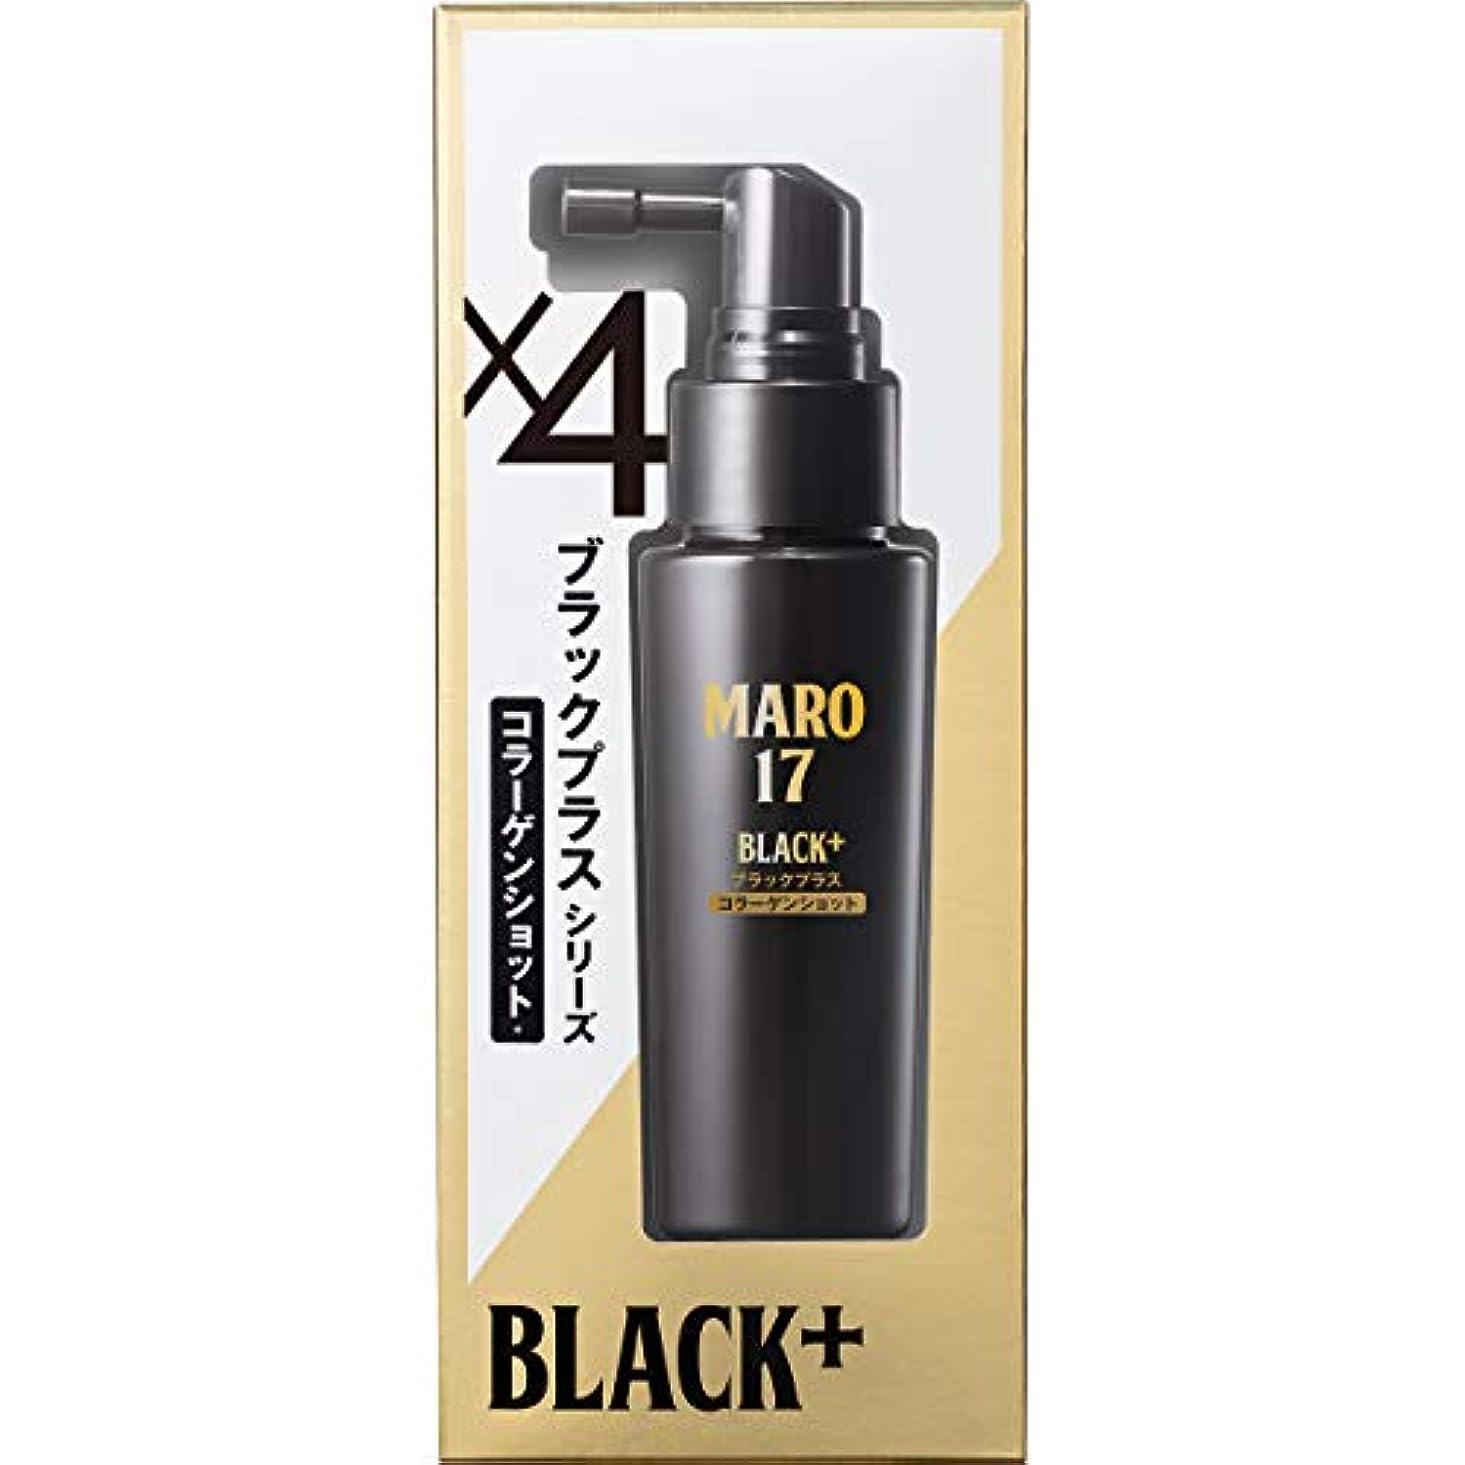 控えめなコメンテーター化学MARO17 ブラックプラス シリーズ コラーゲンショット 50ml